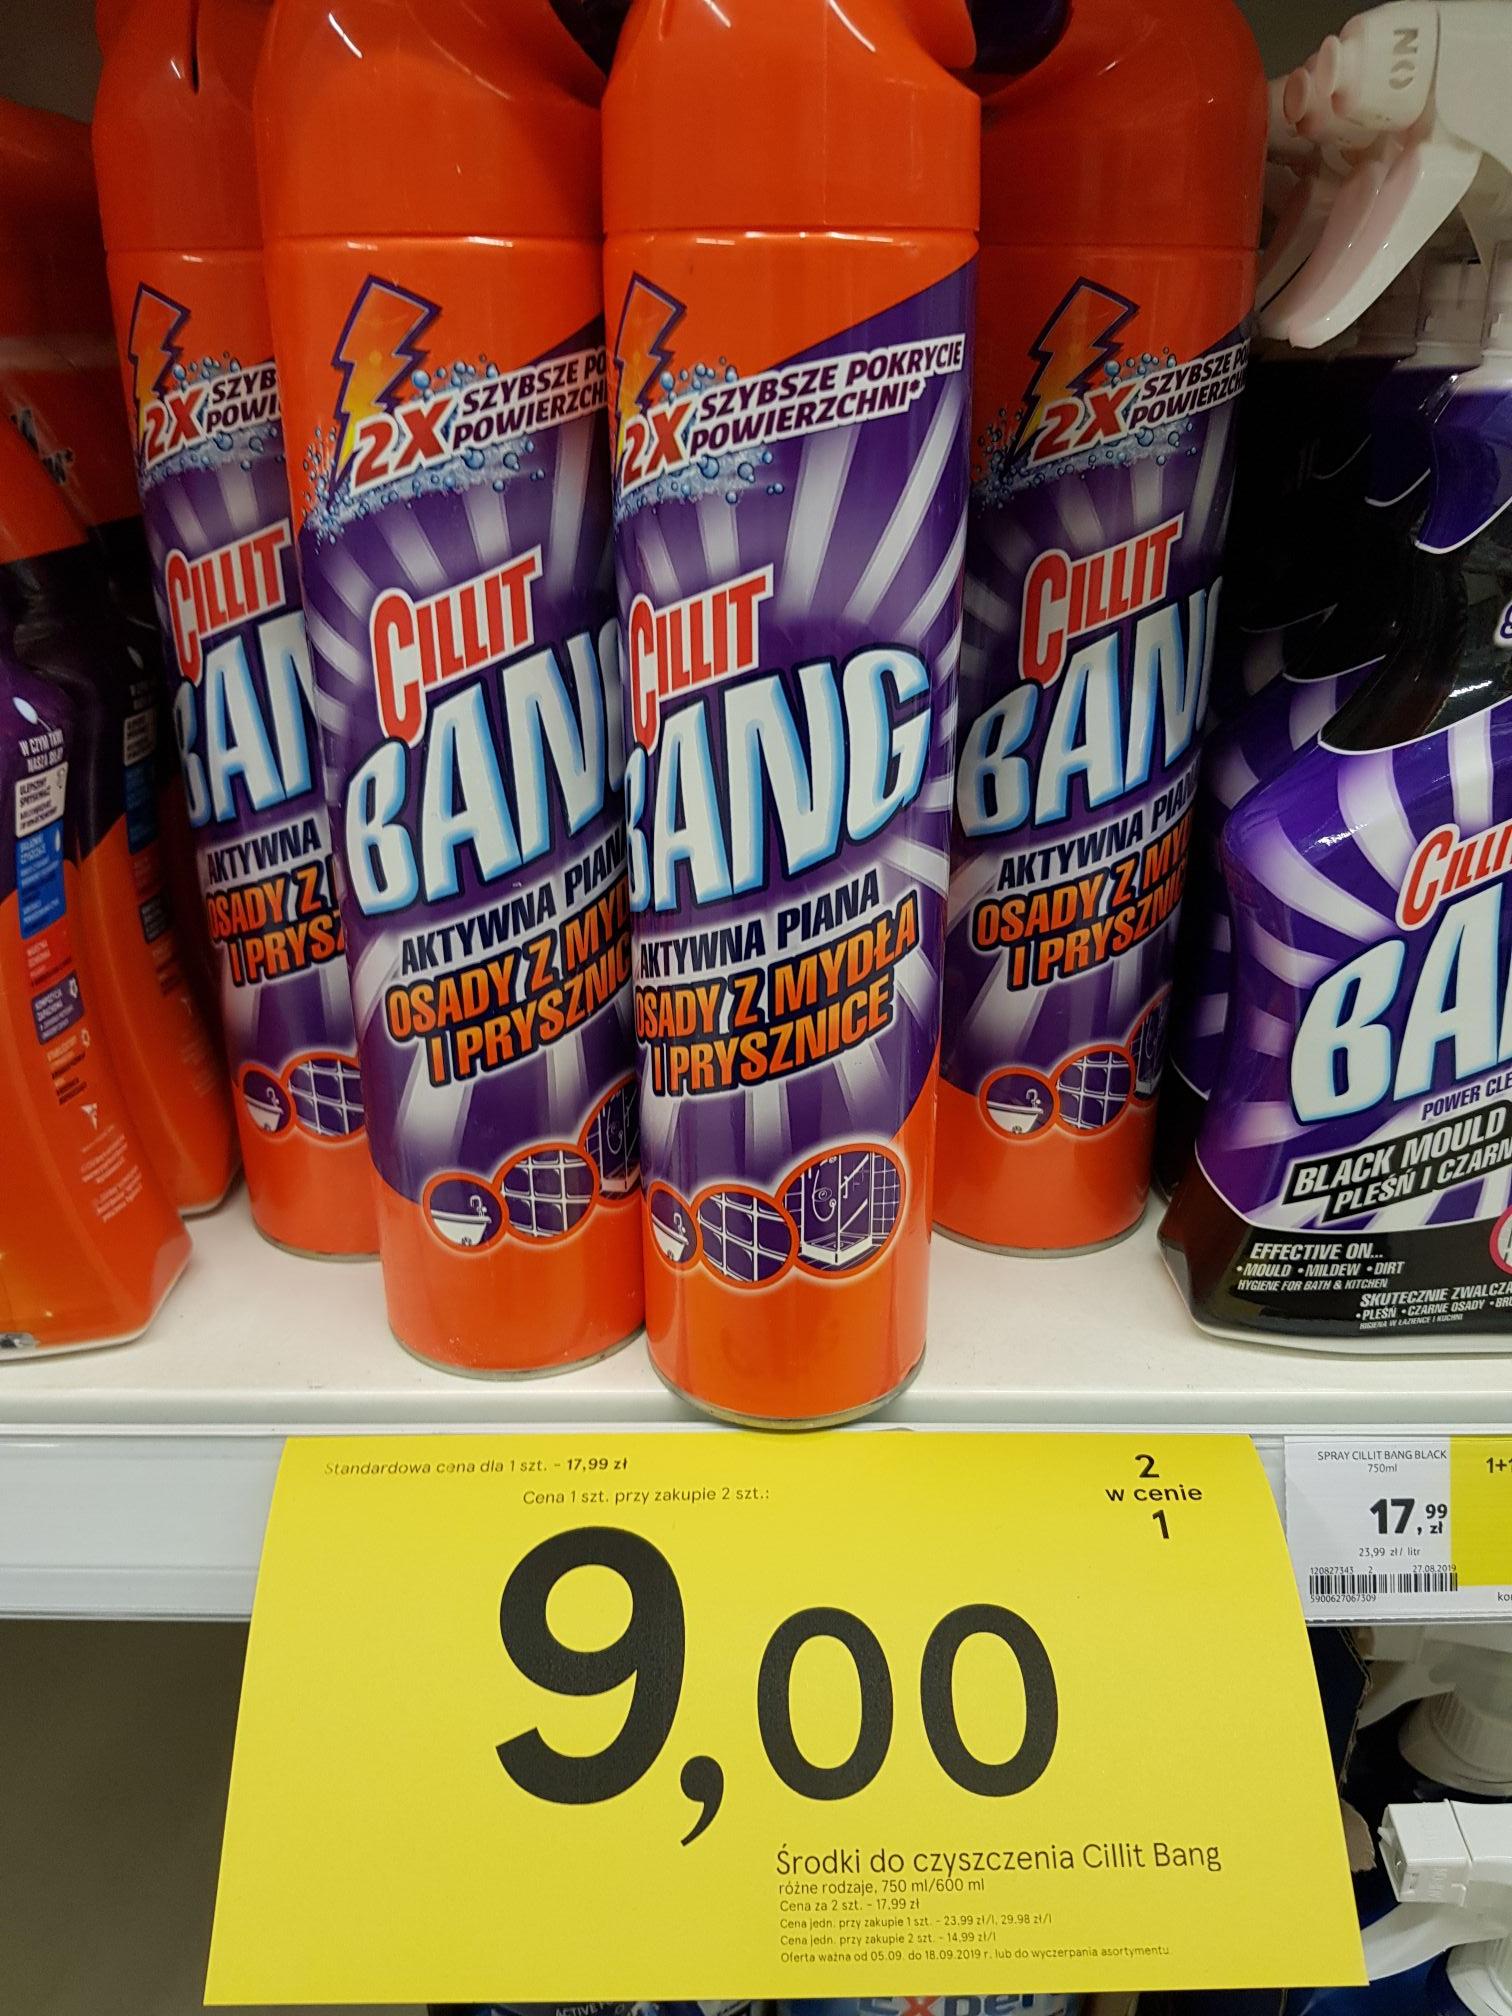 Cillit Bang , cena za 1 szt przy zakupie 2 szt Tesco